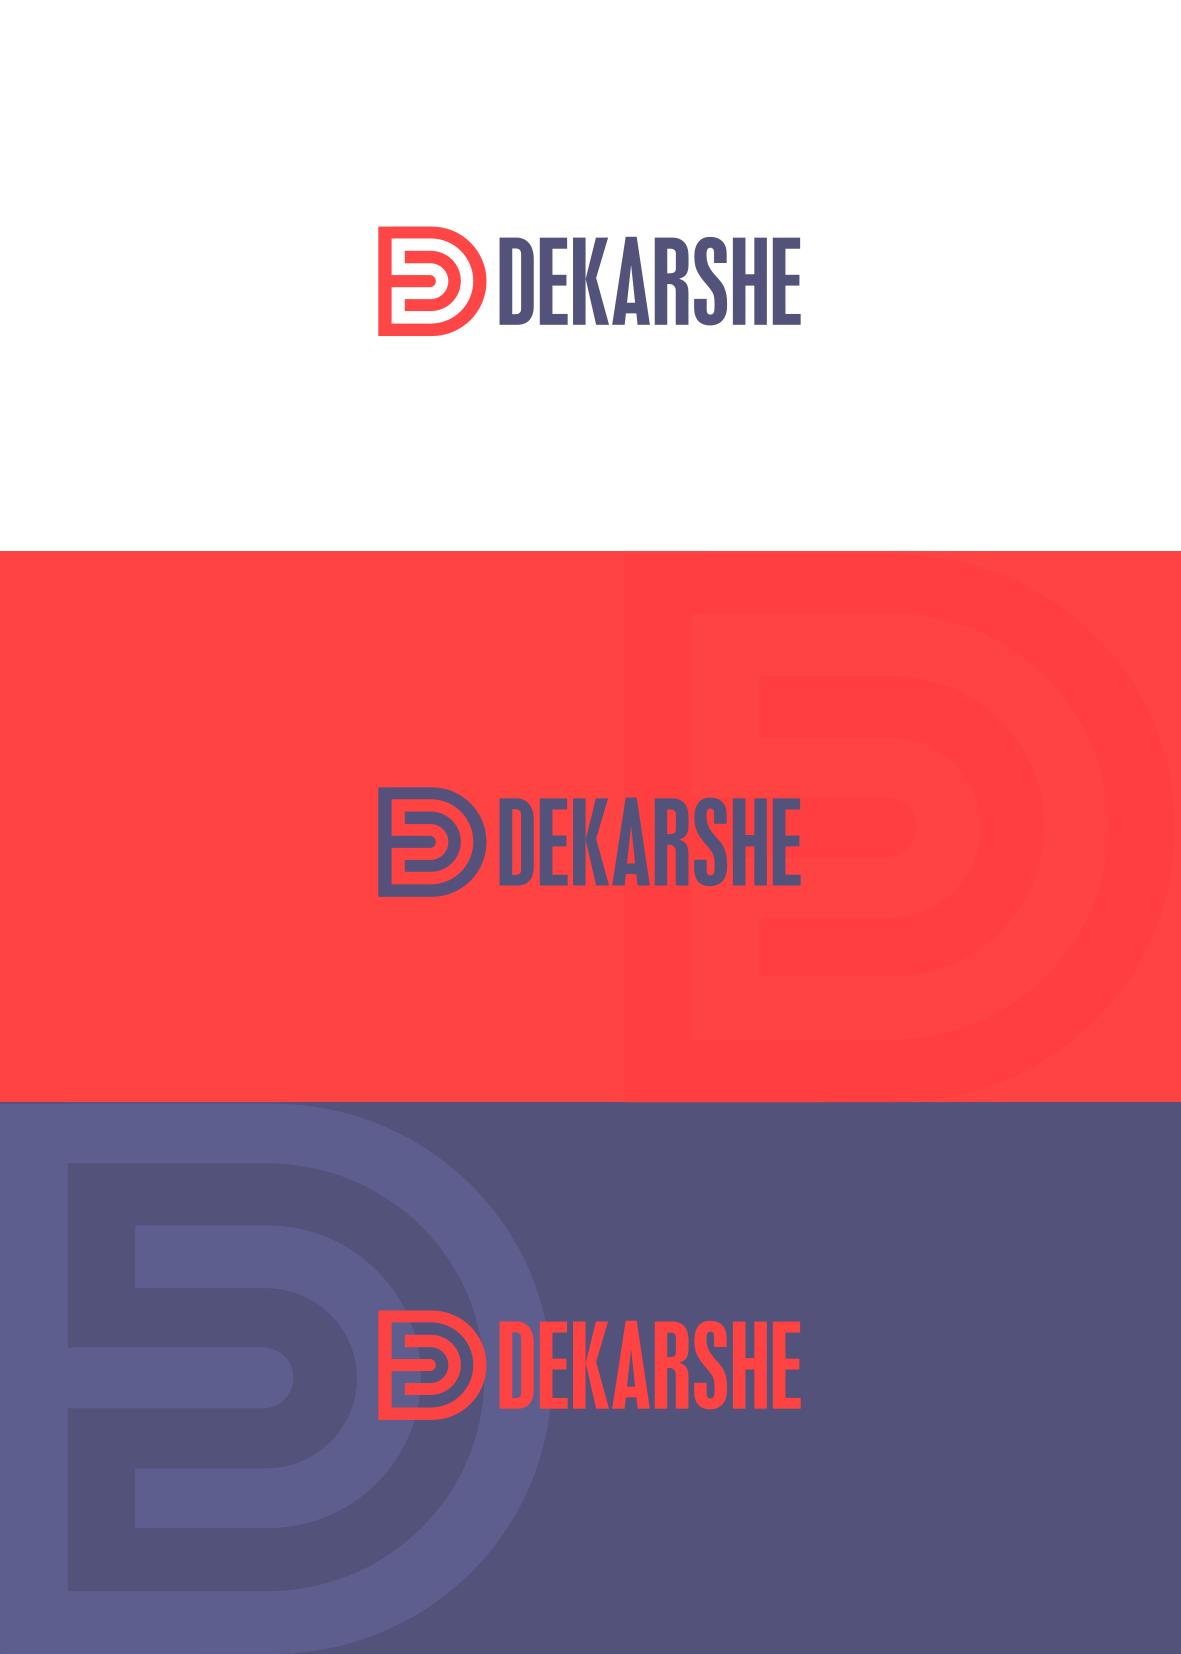 Разработать дизайн ИКОНКИ для логотипа для сети магазинов мужской одежды. фото f_7815e1e12296c291.png